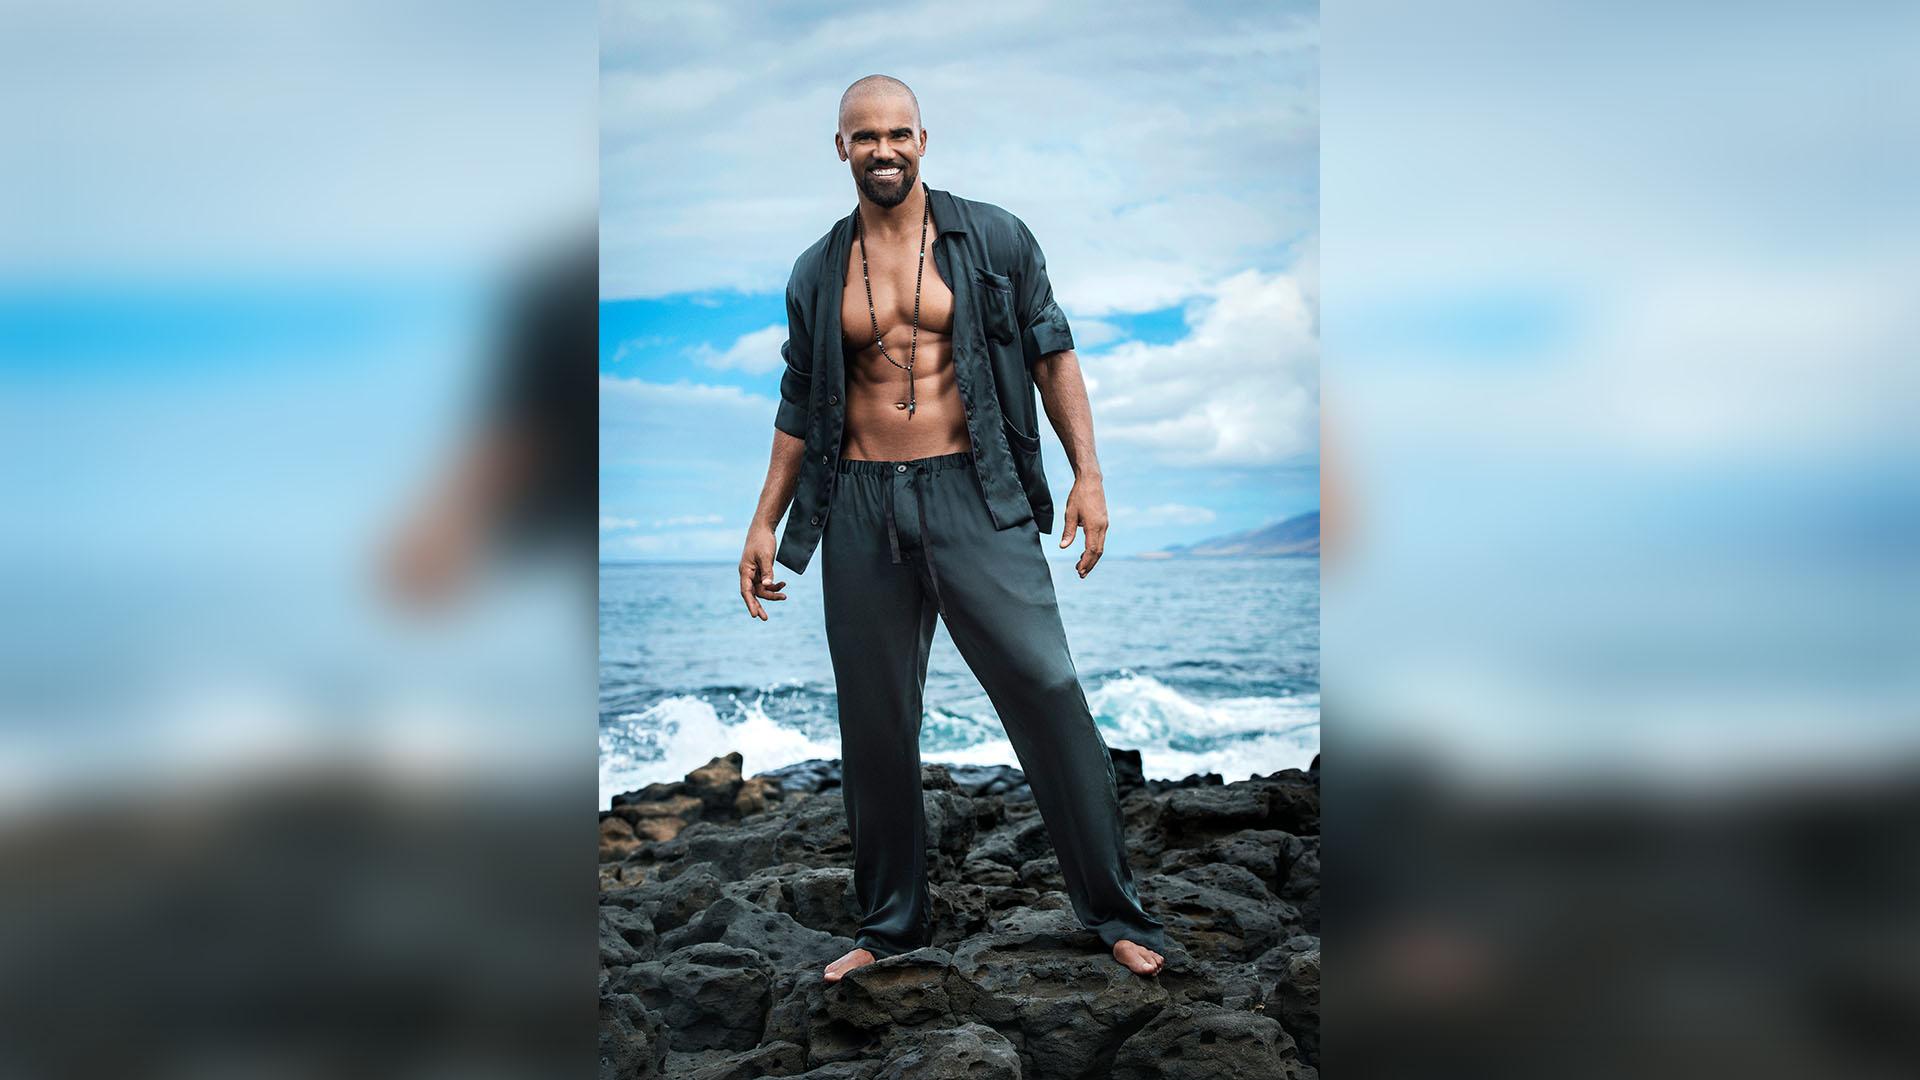 Shemar + silk pajamas = swoon